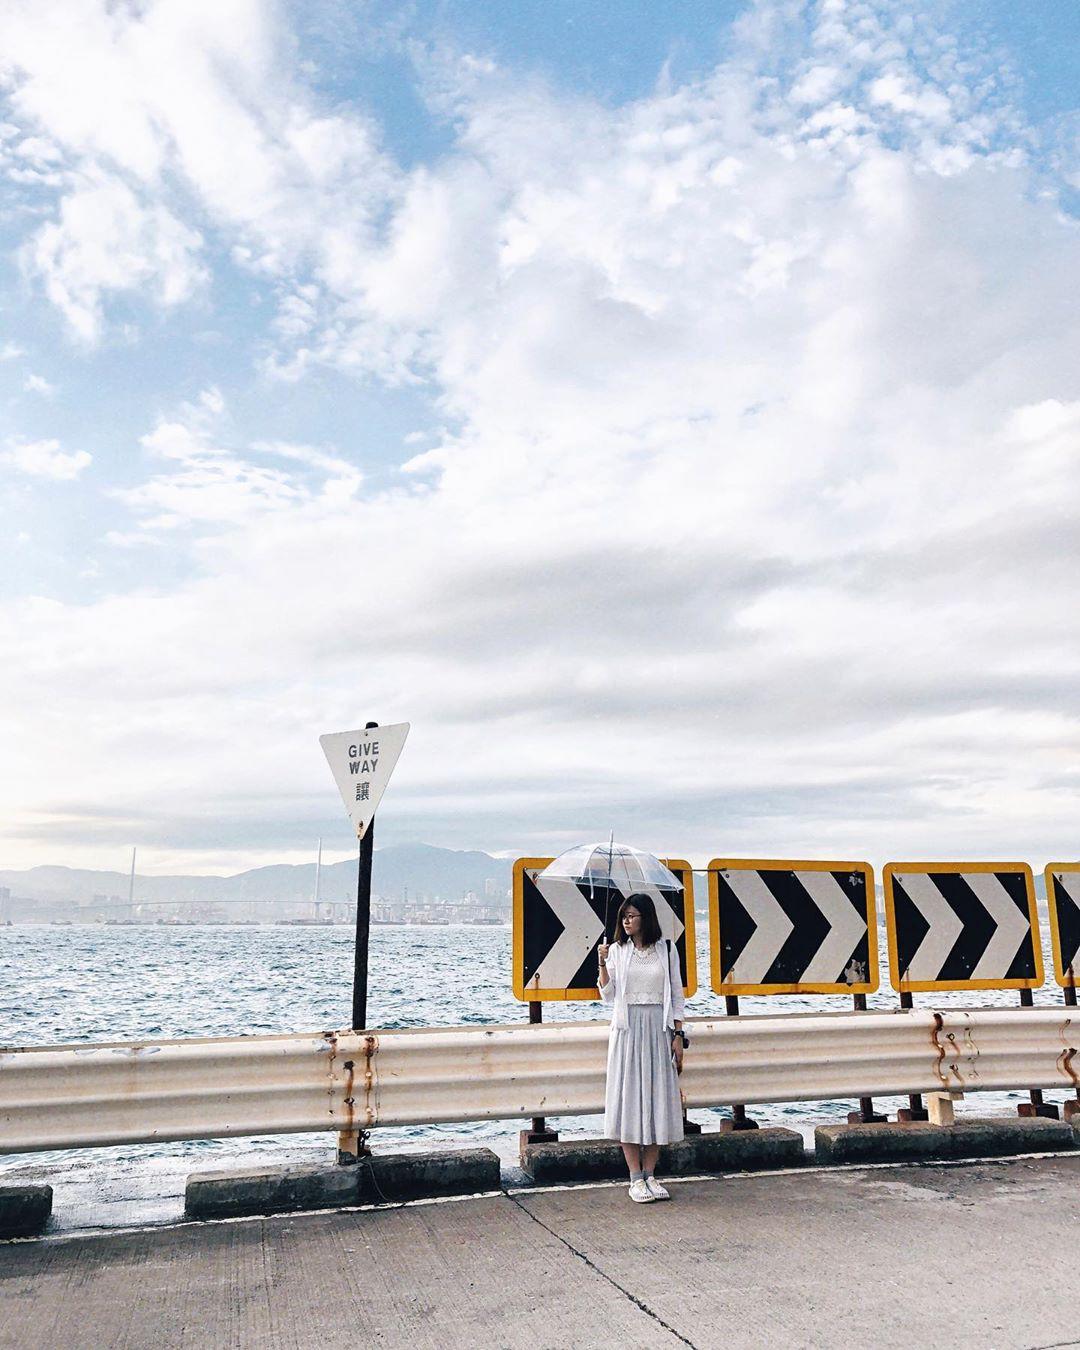 Bỏ túi ngay 8 điểm sống ảo nổi tiếng ở Hong Kong, vị trí thứ 2 hot đến nỗi còn lọt vào top được check-in nhiều nhất trên Instagram! - Ảnh 22.